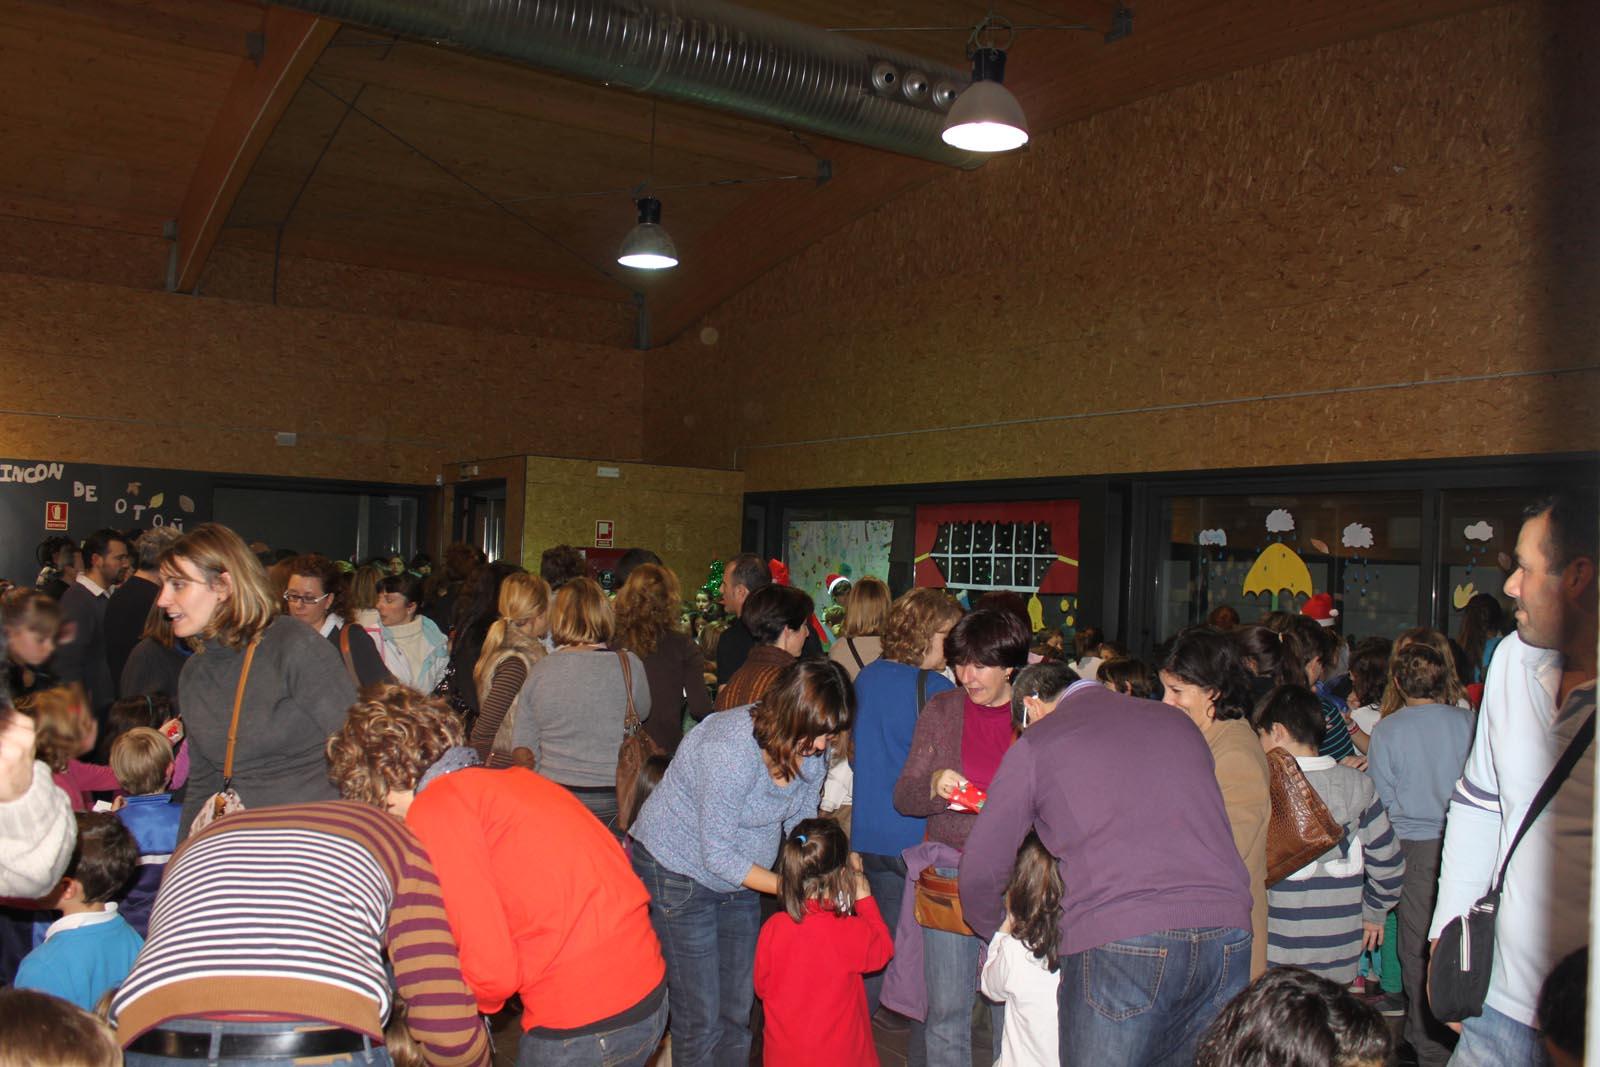 Estas viendo imágenes de: Merienda navideña 2012